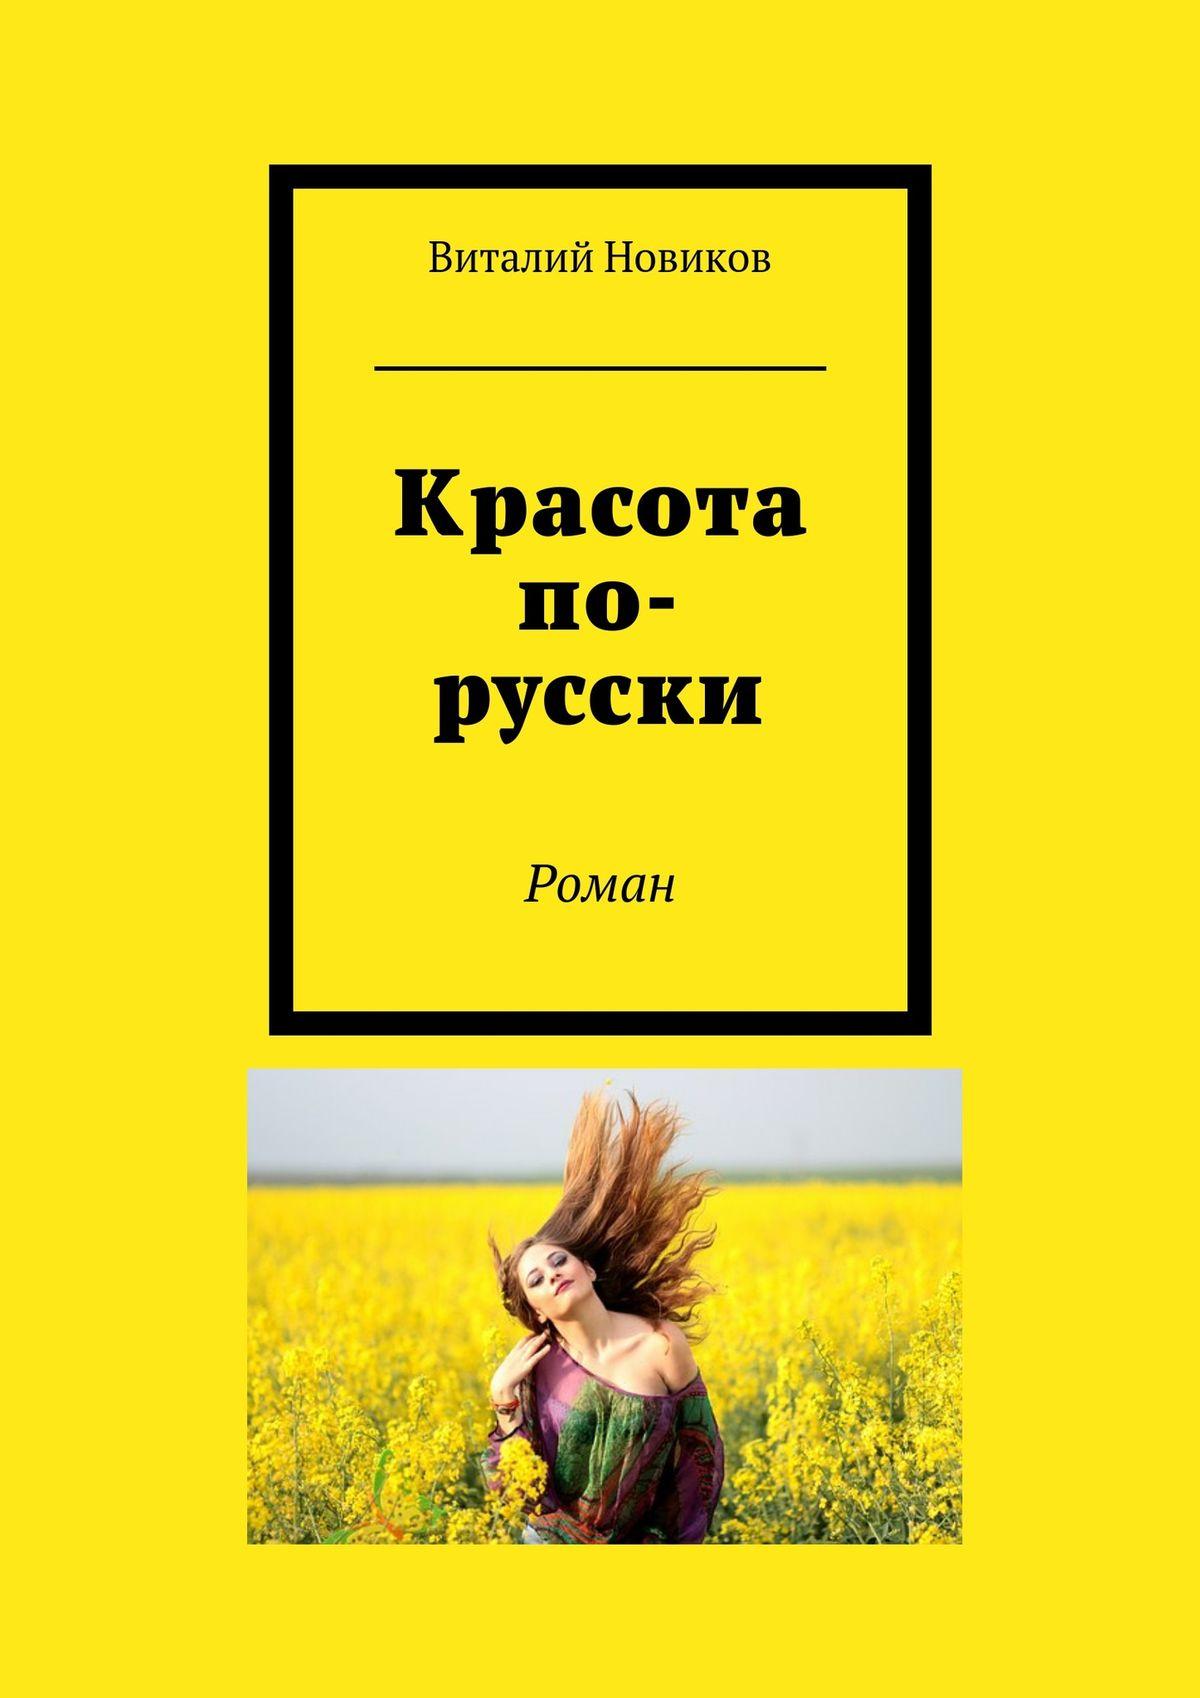 Виталий Новиков Красота по-русски. Роман виталий новиков grafоман